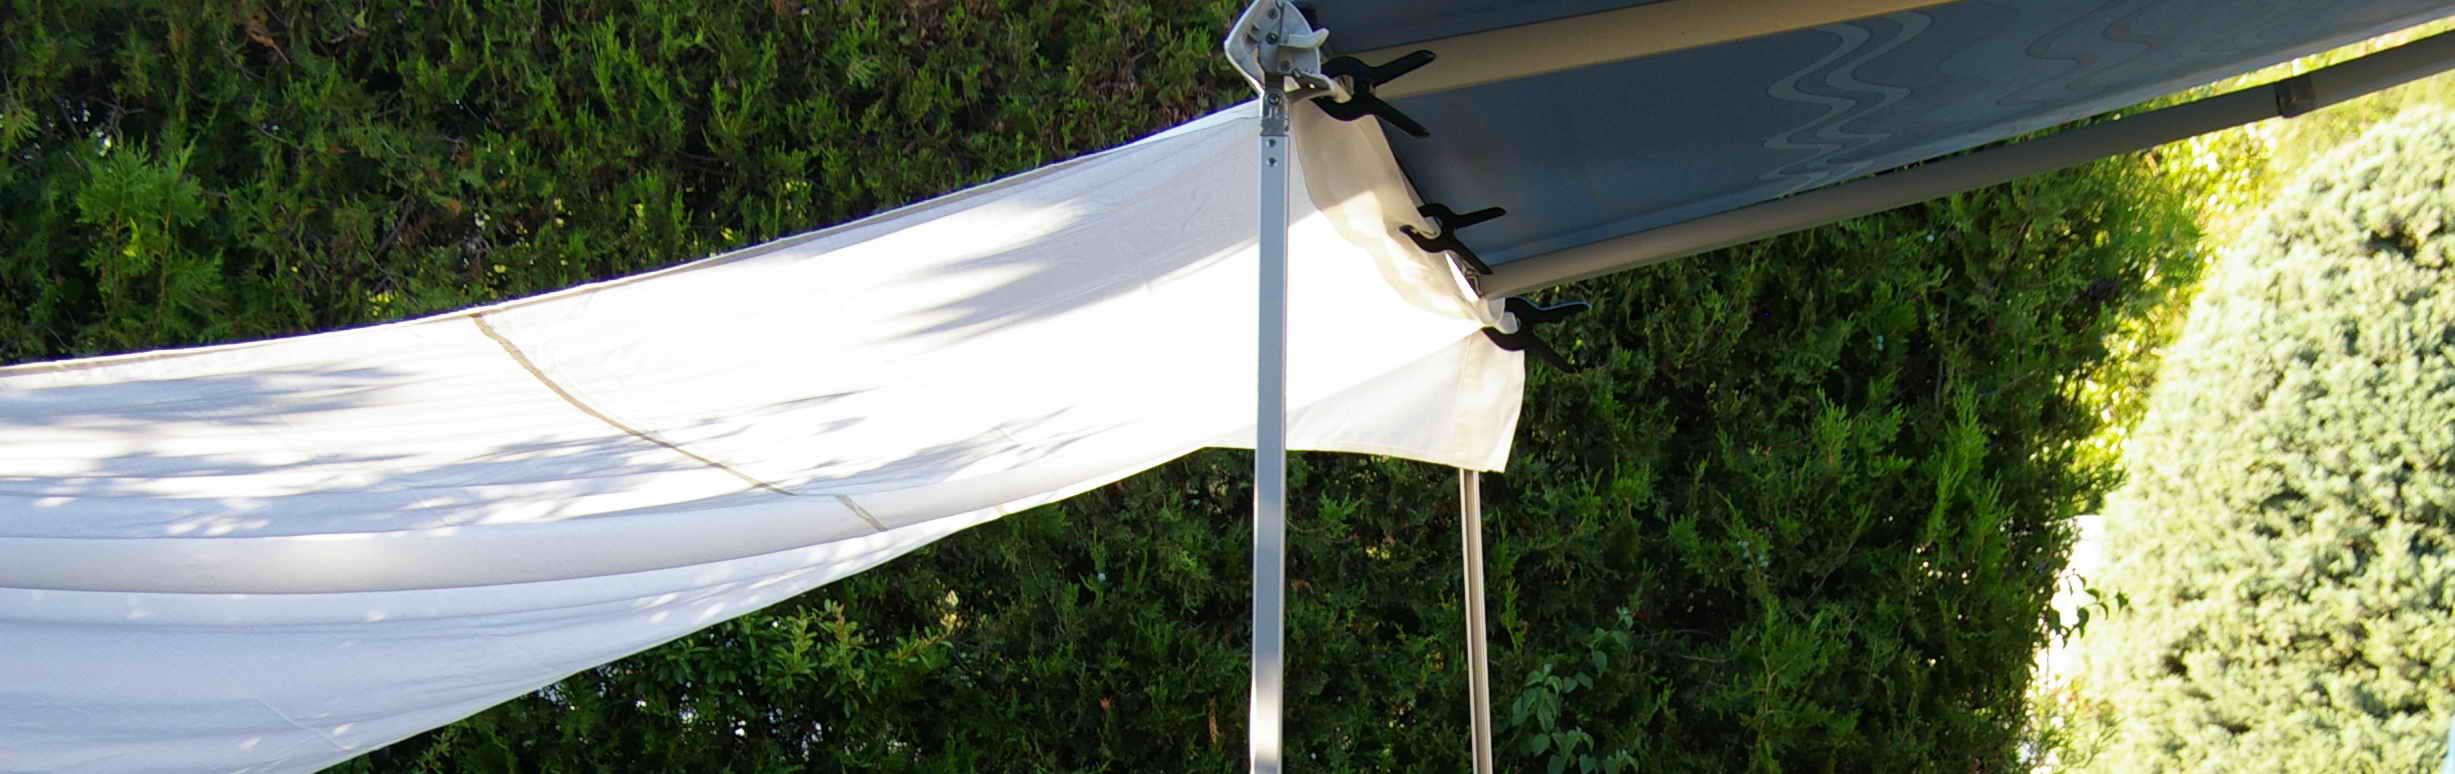 Sun Blocker F R Markise Wohnmobil Forum